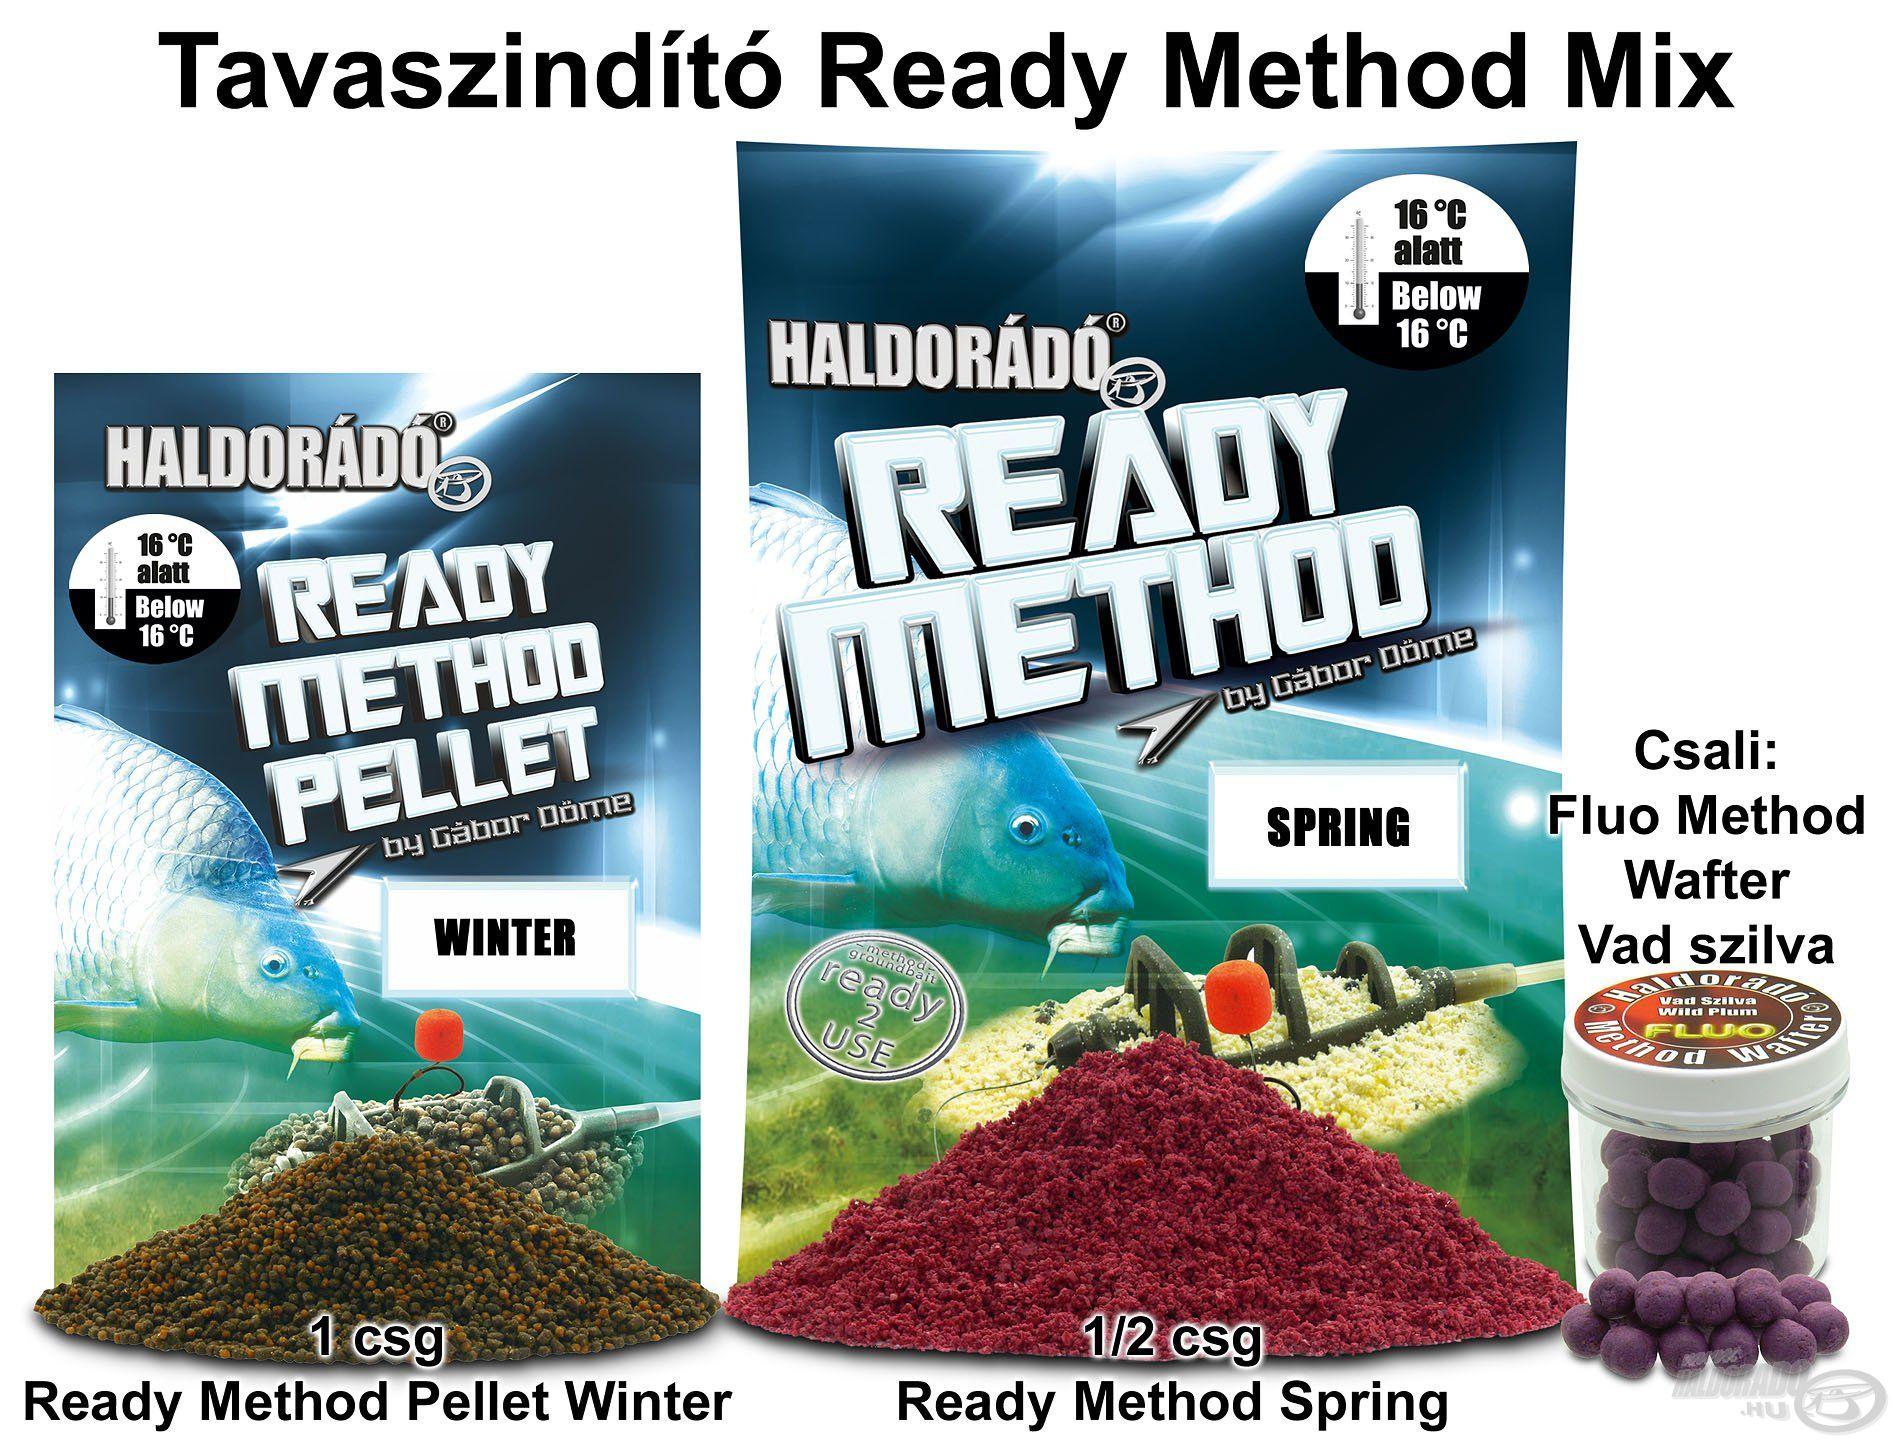 Tavaszindító Ready Method Mix